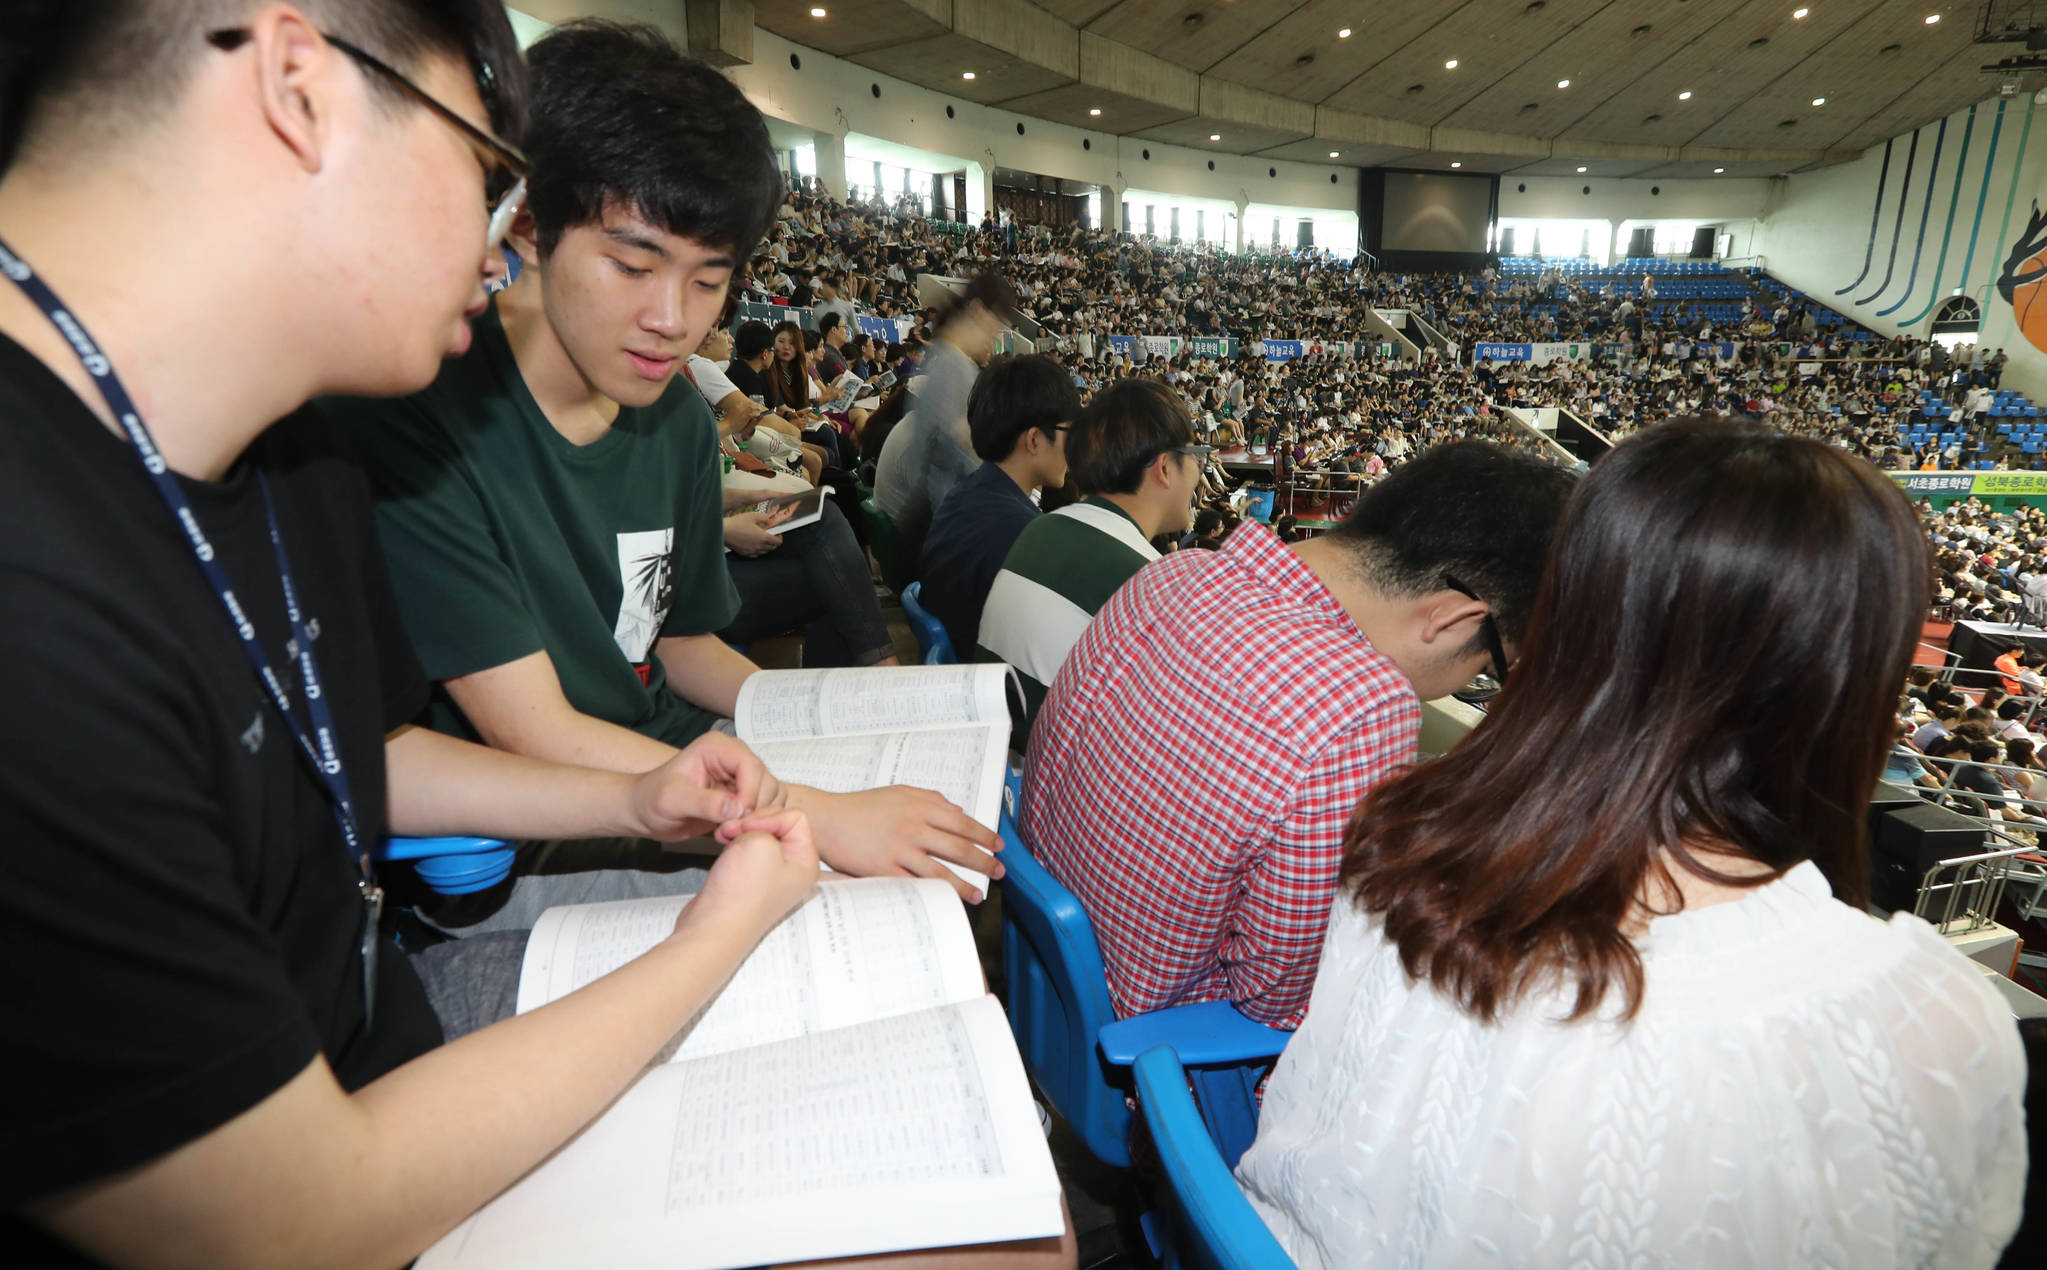 설명회에 참석한 김병수, 이지훈(왼쪽부터) 군이 자료를 살펴보고 있다. 신인섭 기자